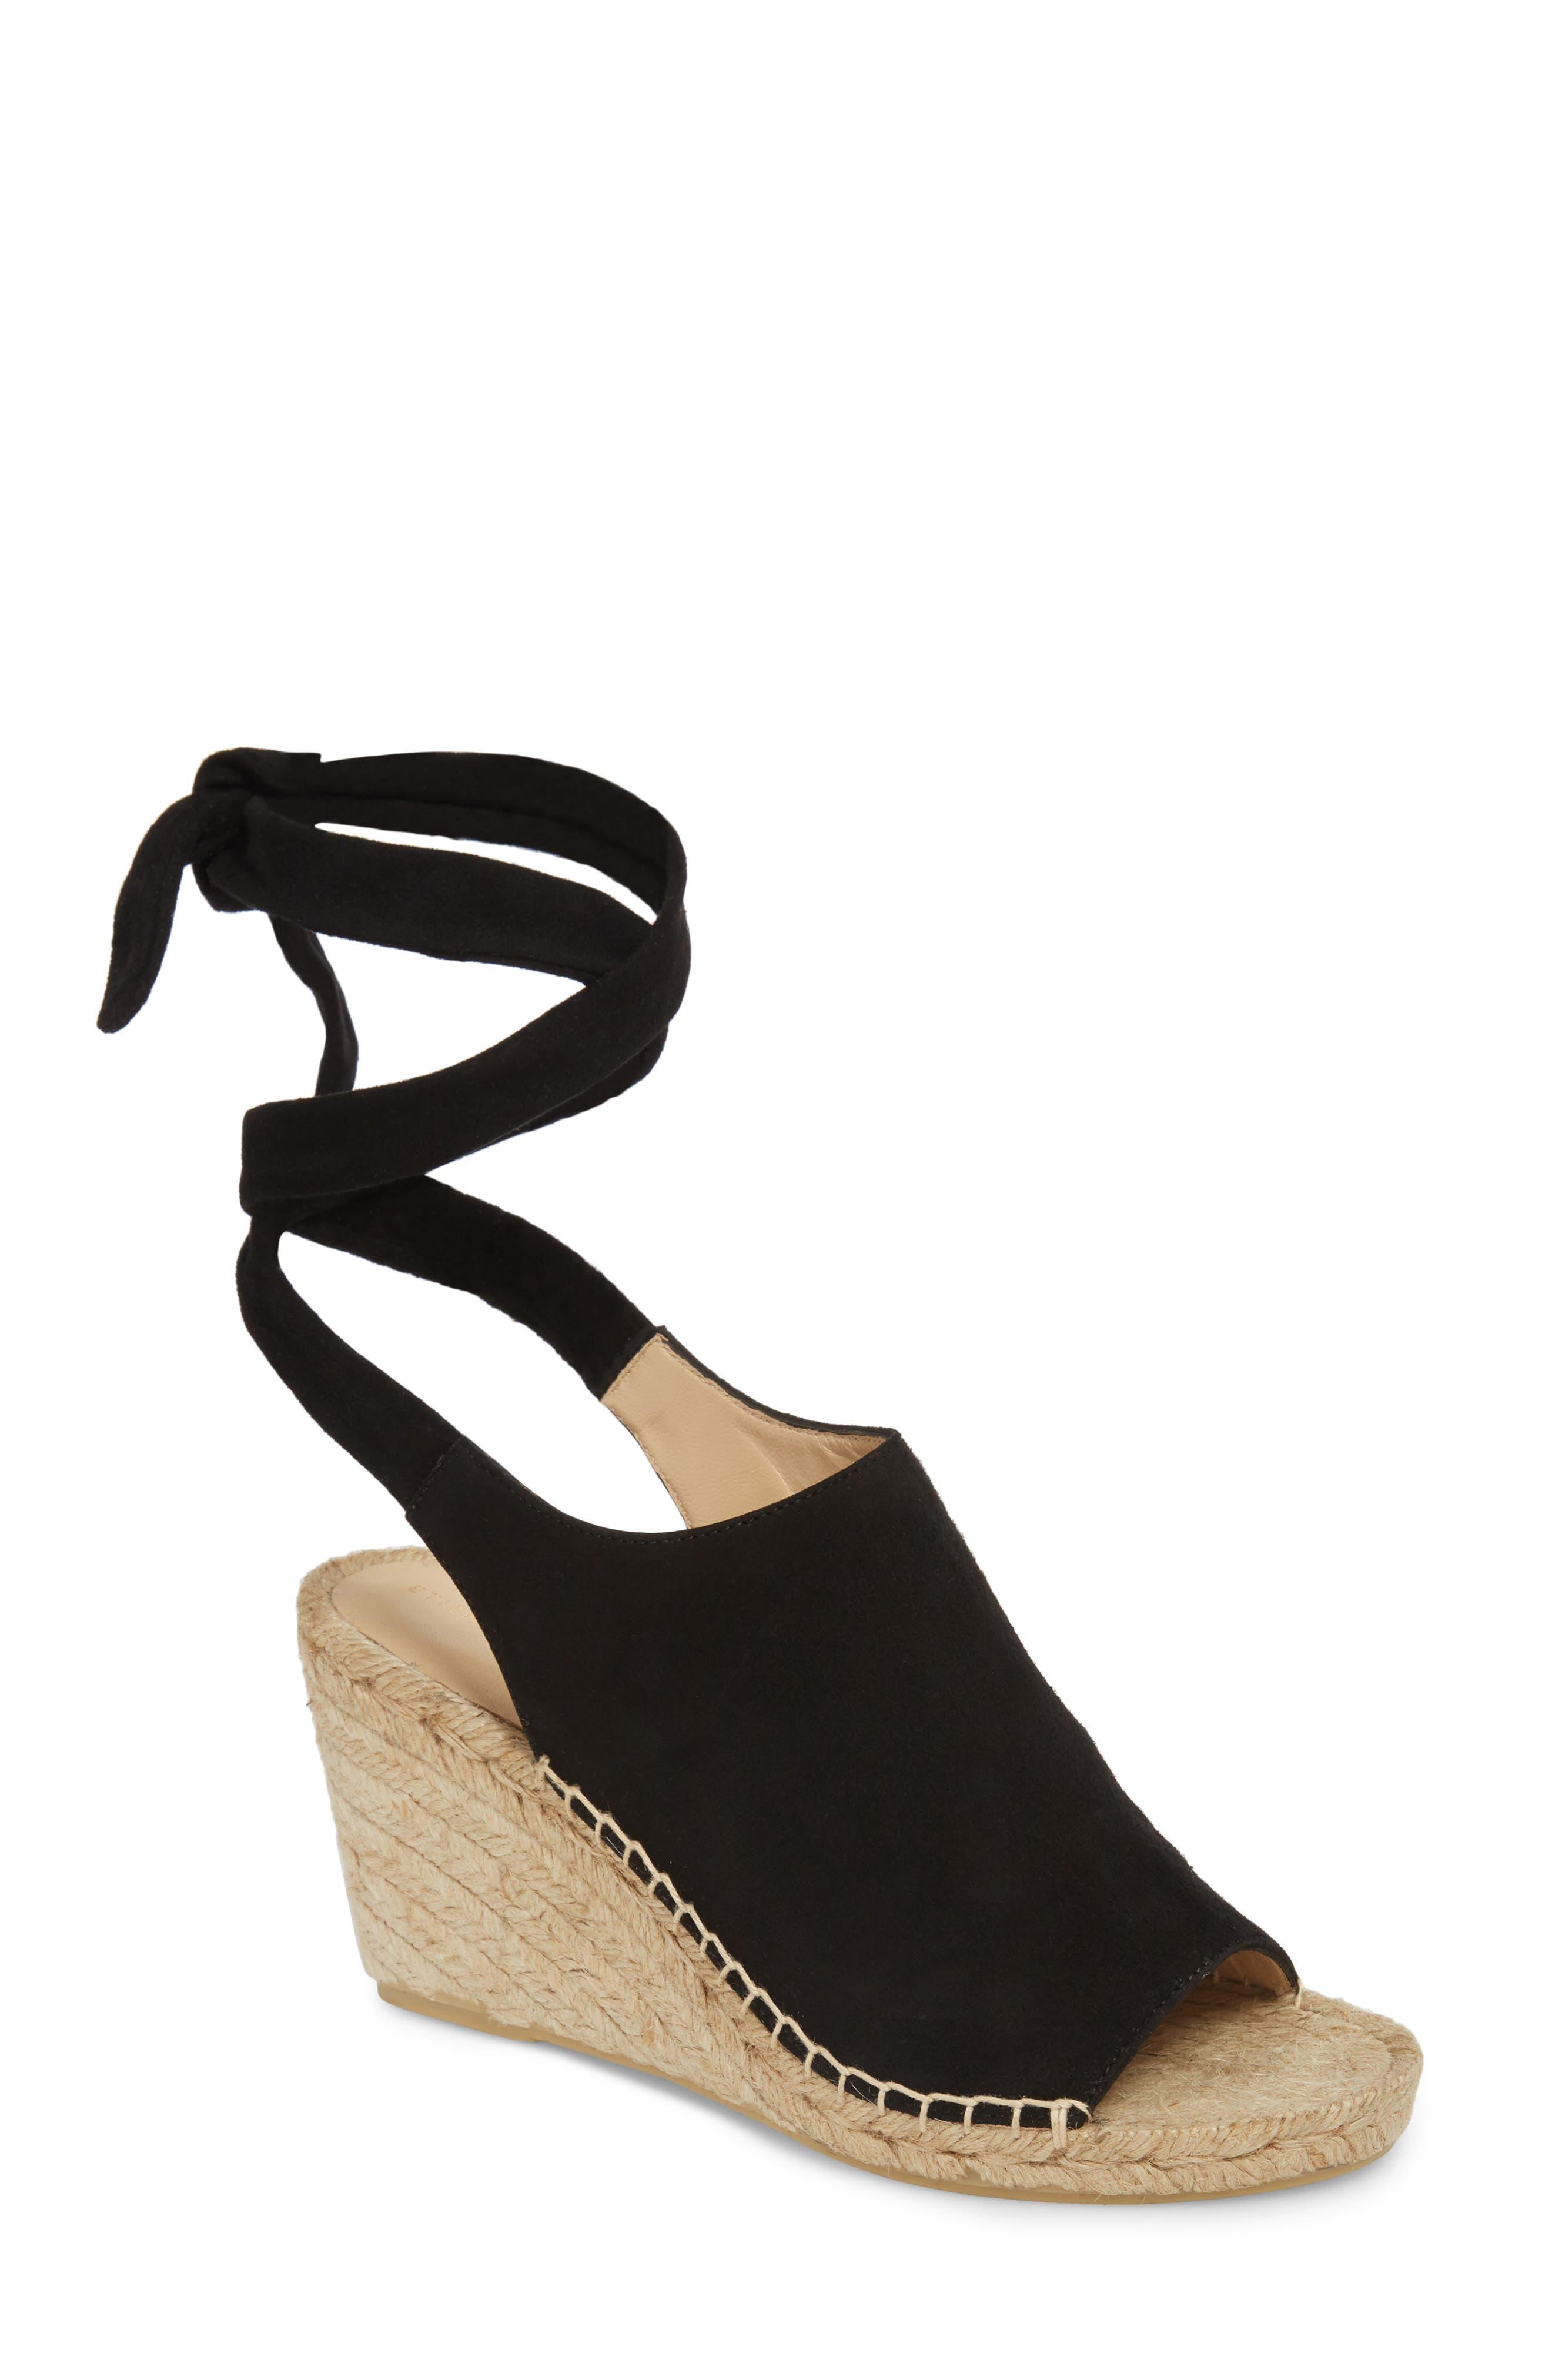 Vie Espadrille Wedge Sandal,                             Main thumbnail 1, color,                             Black Suede